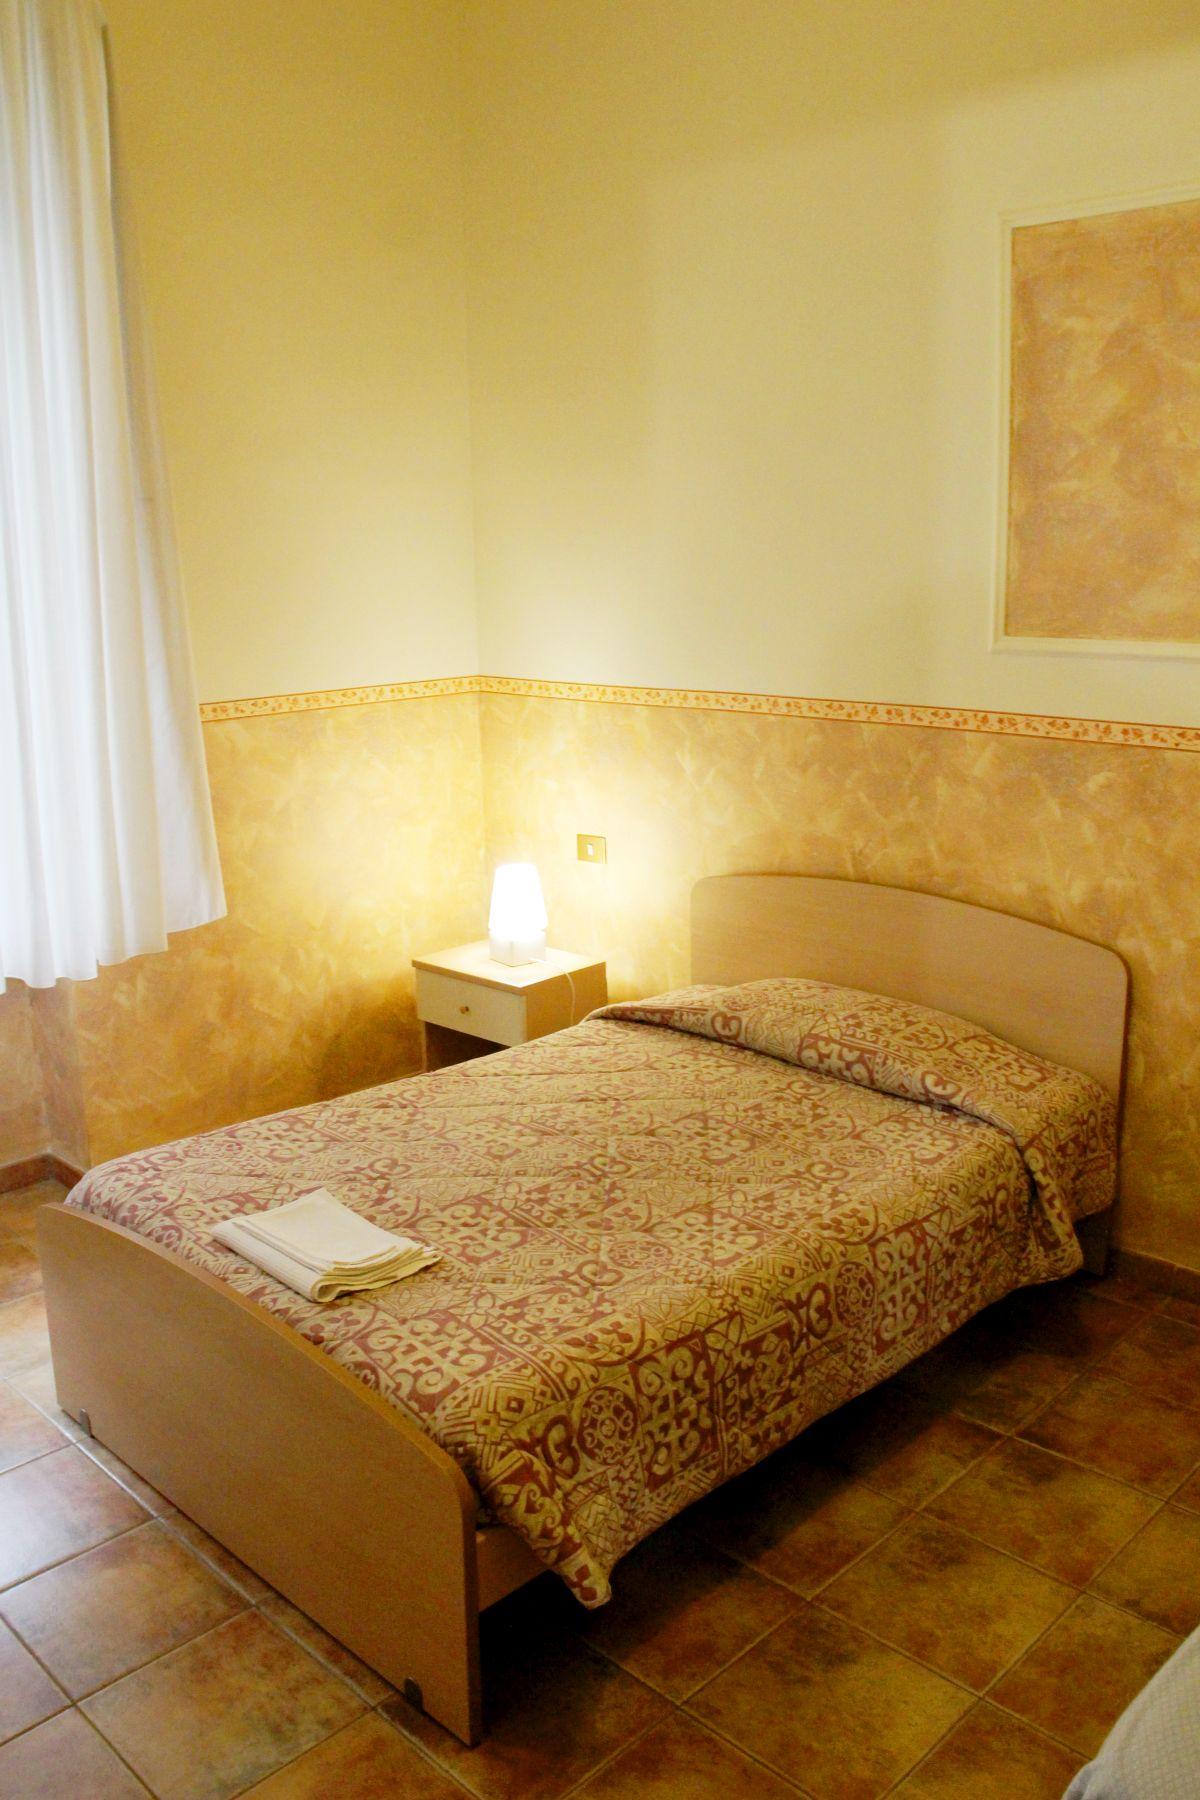 galleria immagini-hostel-il-tetto-ostello-alloggio-camera-vacanza-dormire-melfi-potenza-basilicata (40)